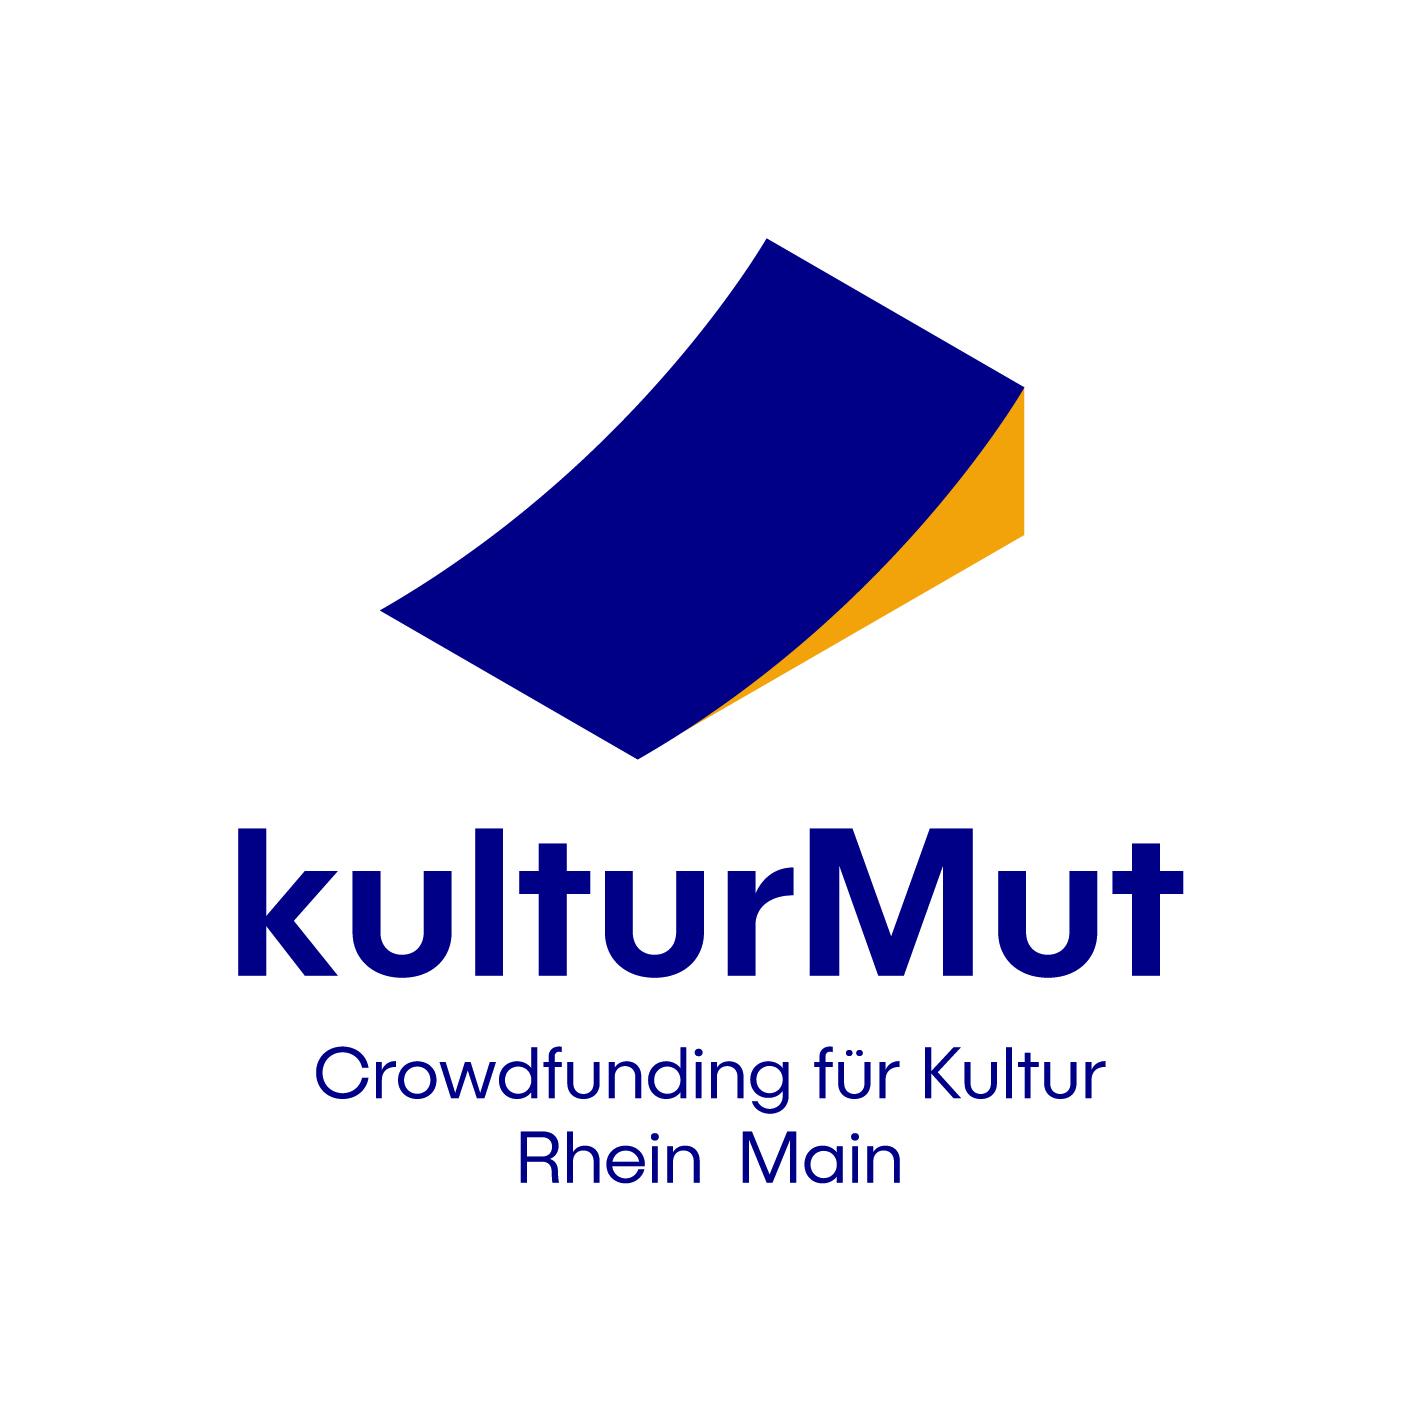 """Ausgezeichnet durch """"kulturMut"""" – die Crowdfunding-Plattform von Aventis Foundation und Kulturfonds Frankfurt RheinMain."""